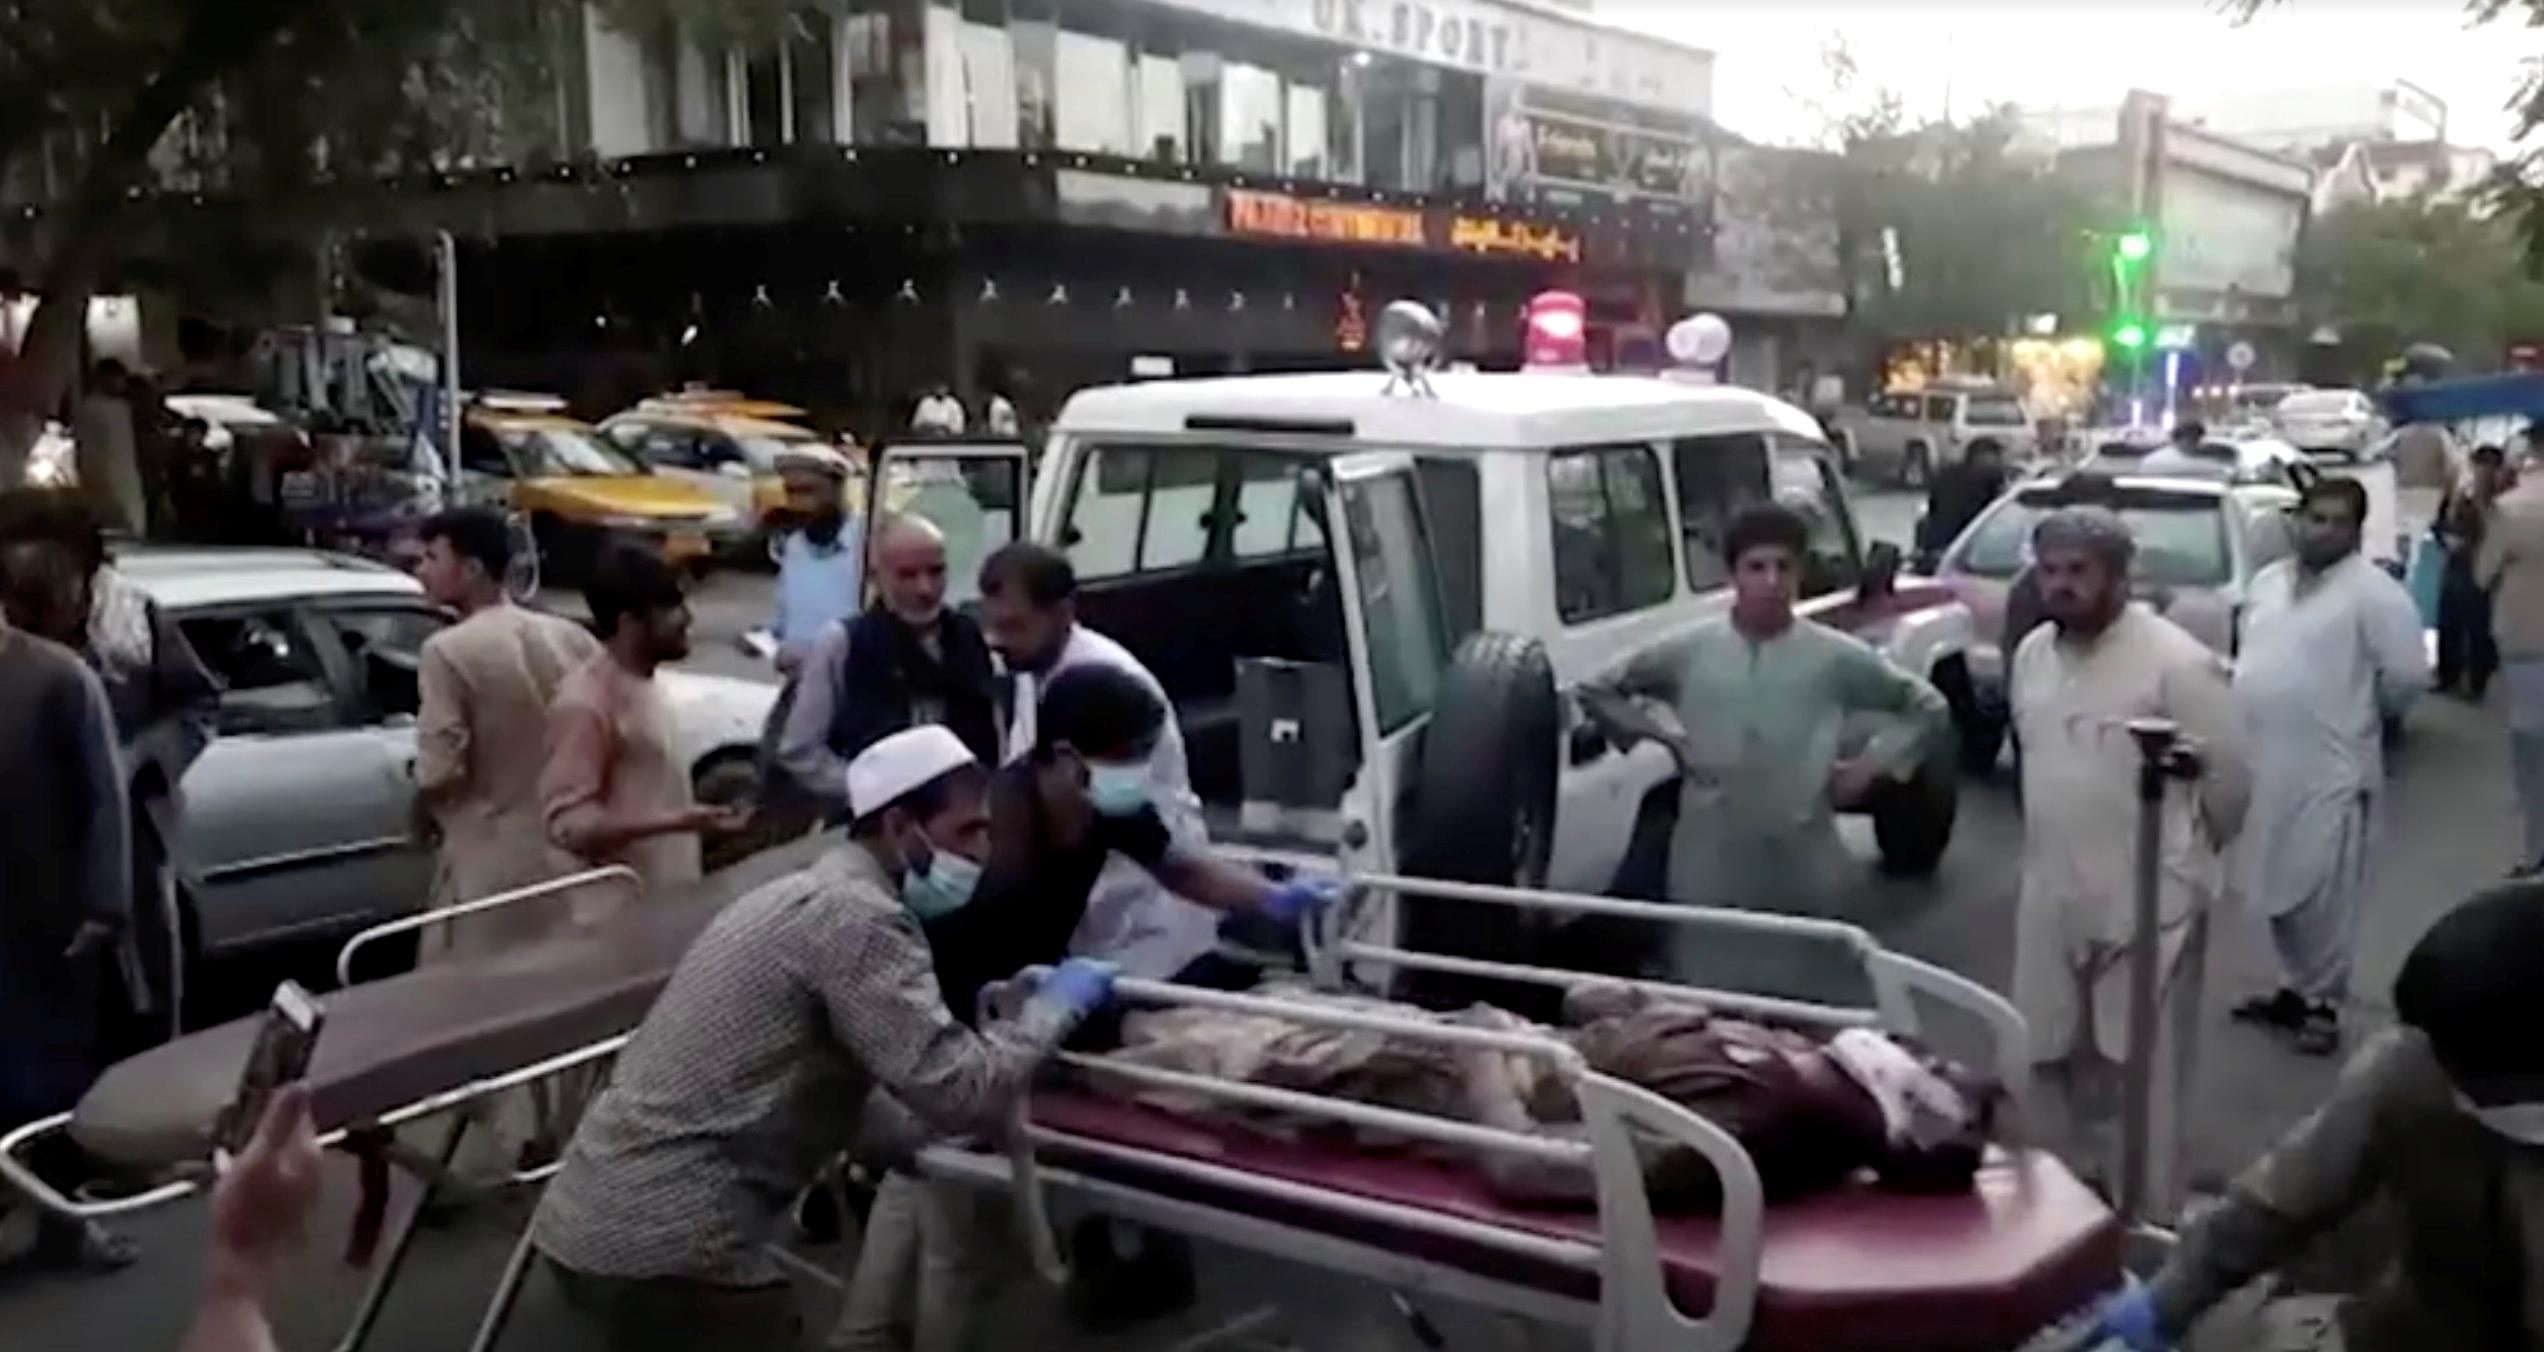 Αφγανιστάν: Πάνω από 100 οι νεκροί της επίθεσης στο αεροδρόμιο